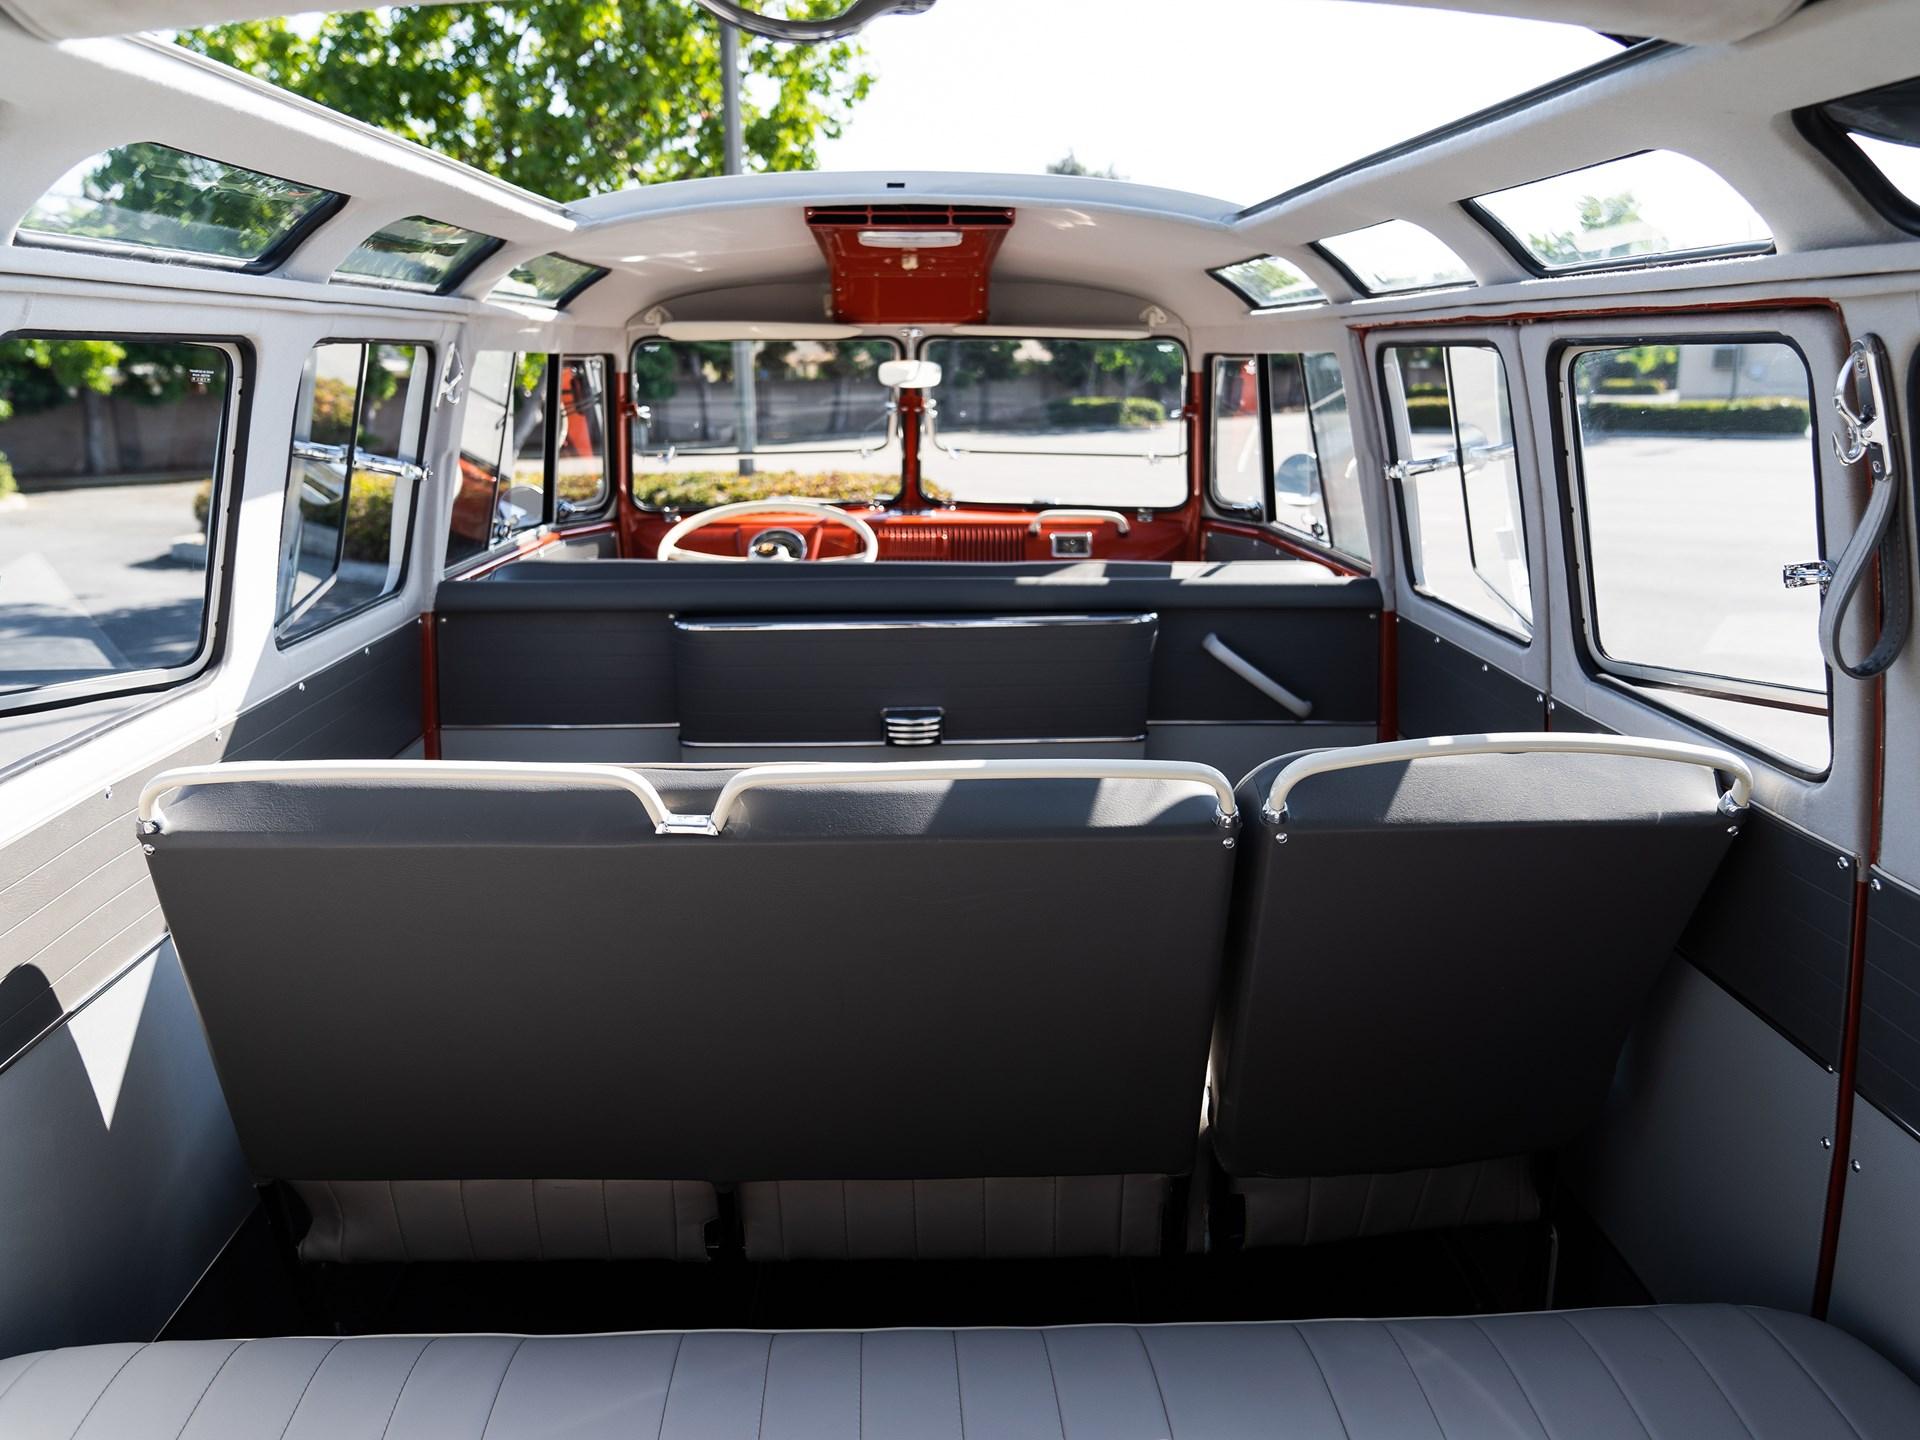 RM Sotheby's - 1961 Volkswagen Deluxe '23-Window' Microbus